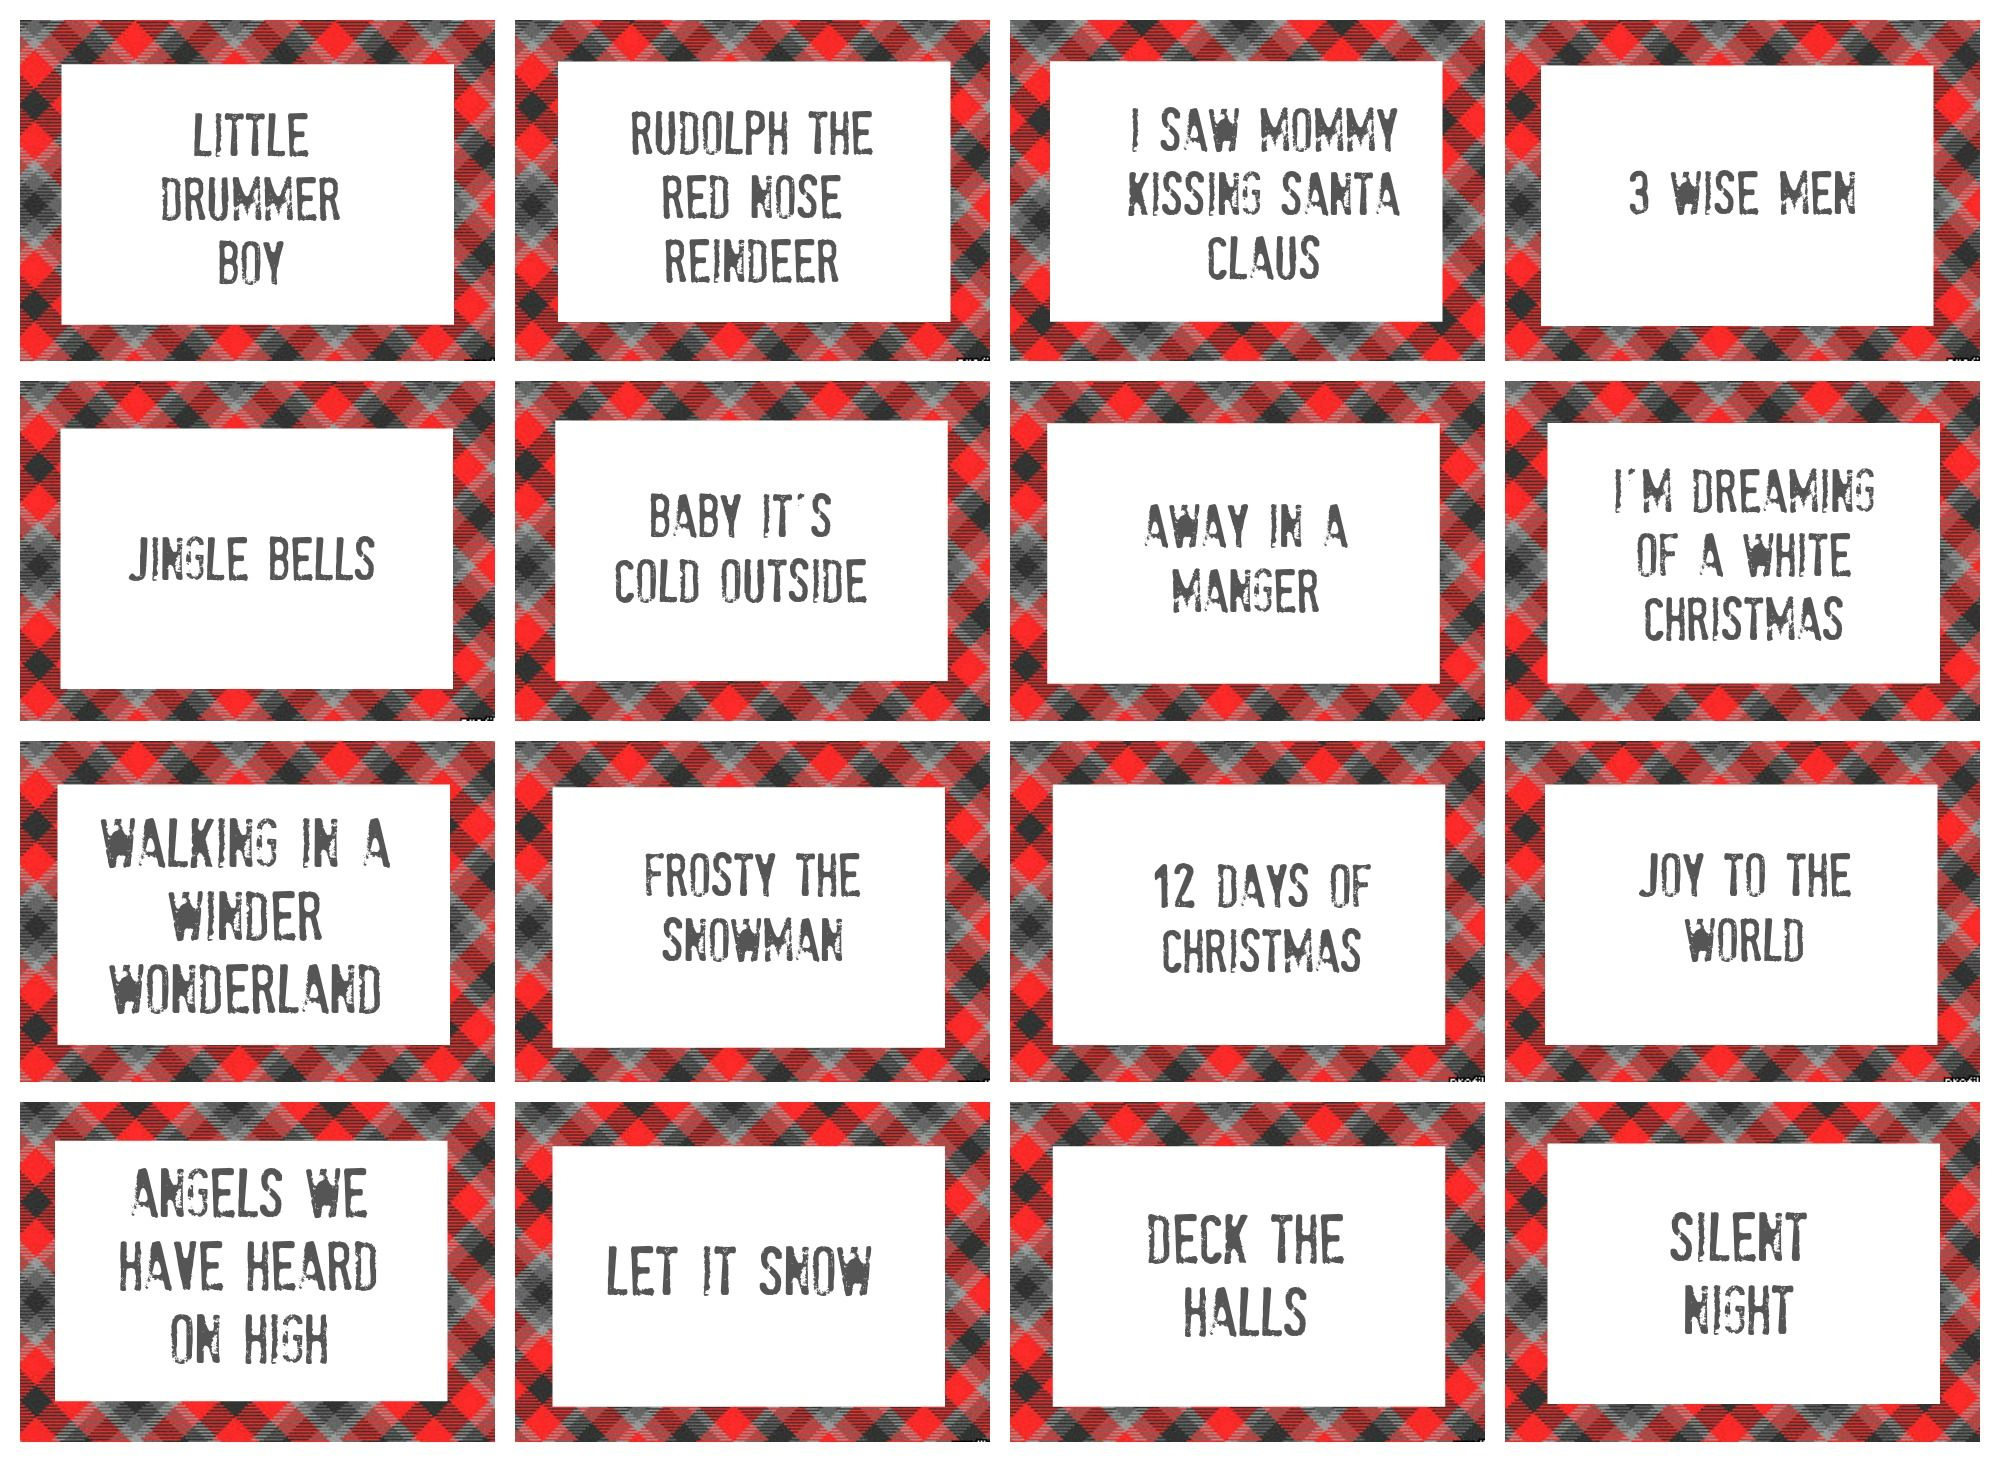 Christmas Charades Game And Free Printable Roundup | Christmas - Free Printable Charades Cards